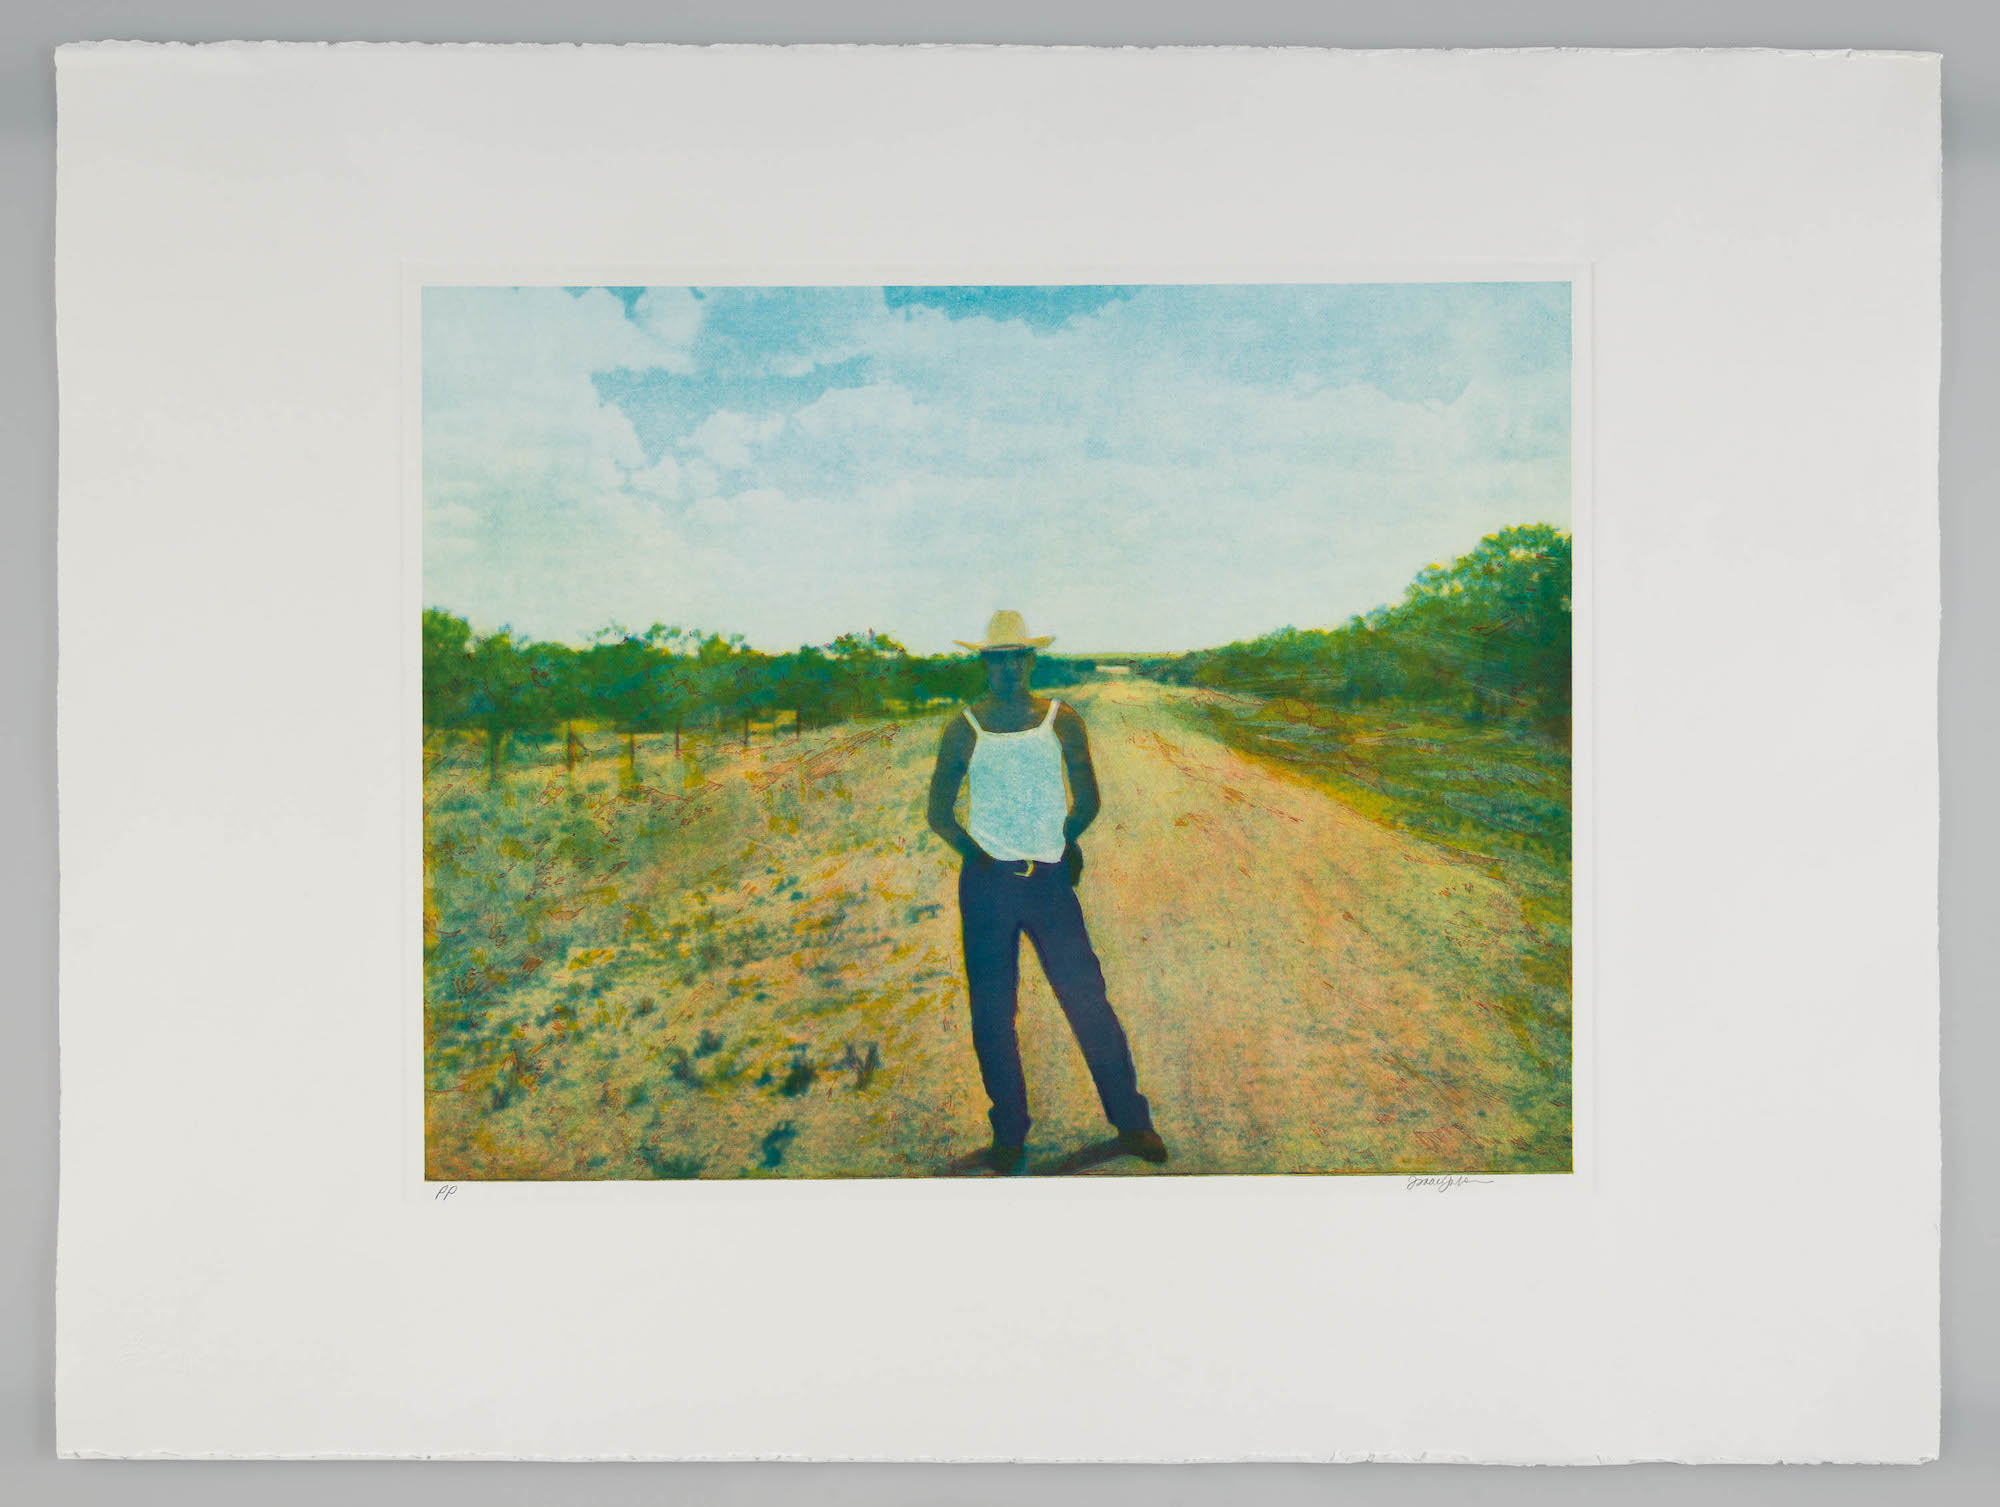 <i>After Mazatlán II</i><br> Color photogravure, framed<br> 14 x 18 inches<br> 1999